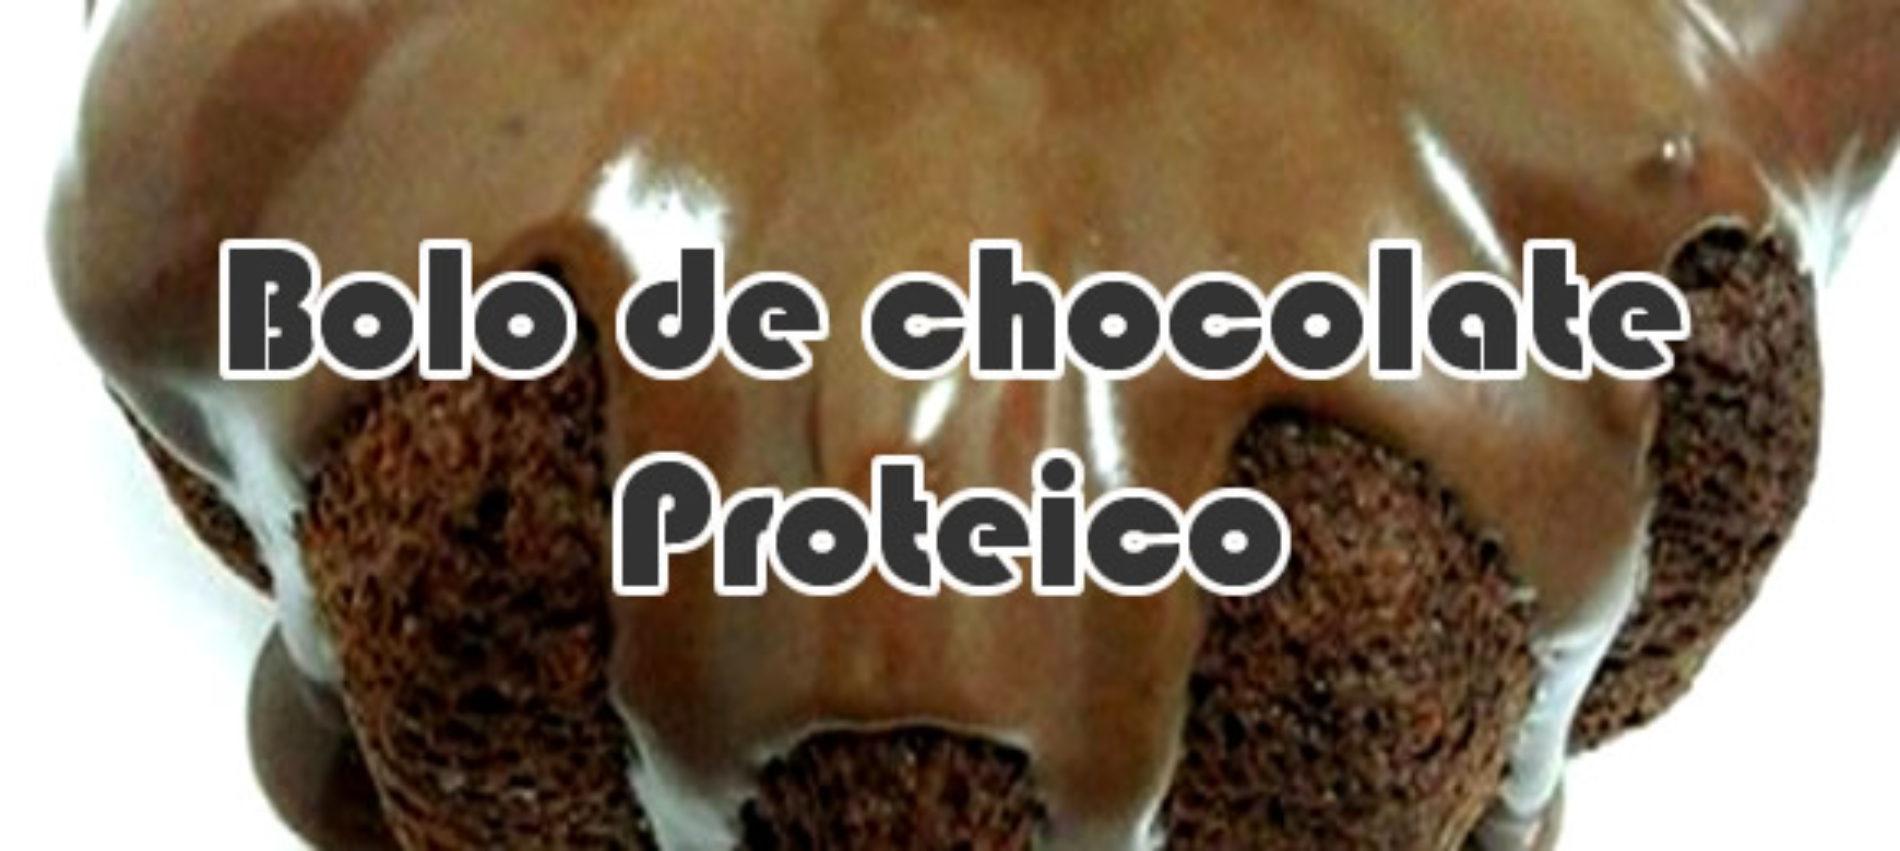 Bolo de chocolate proteico